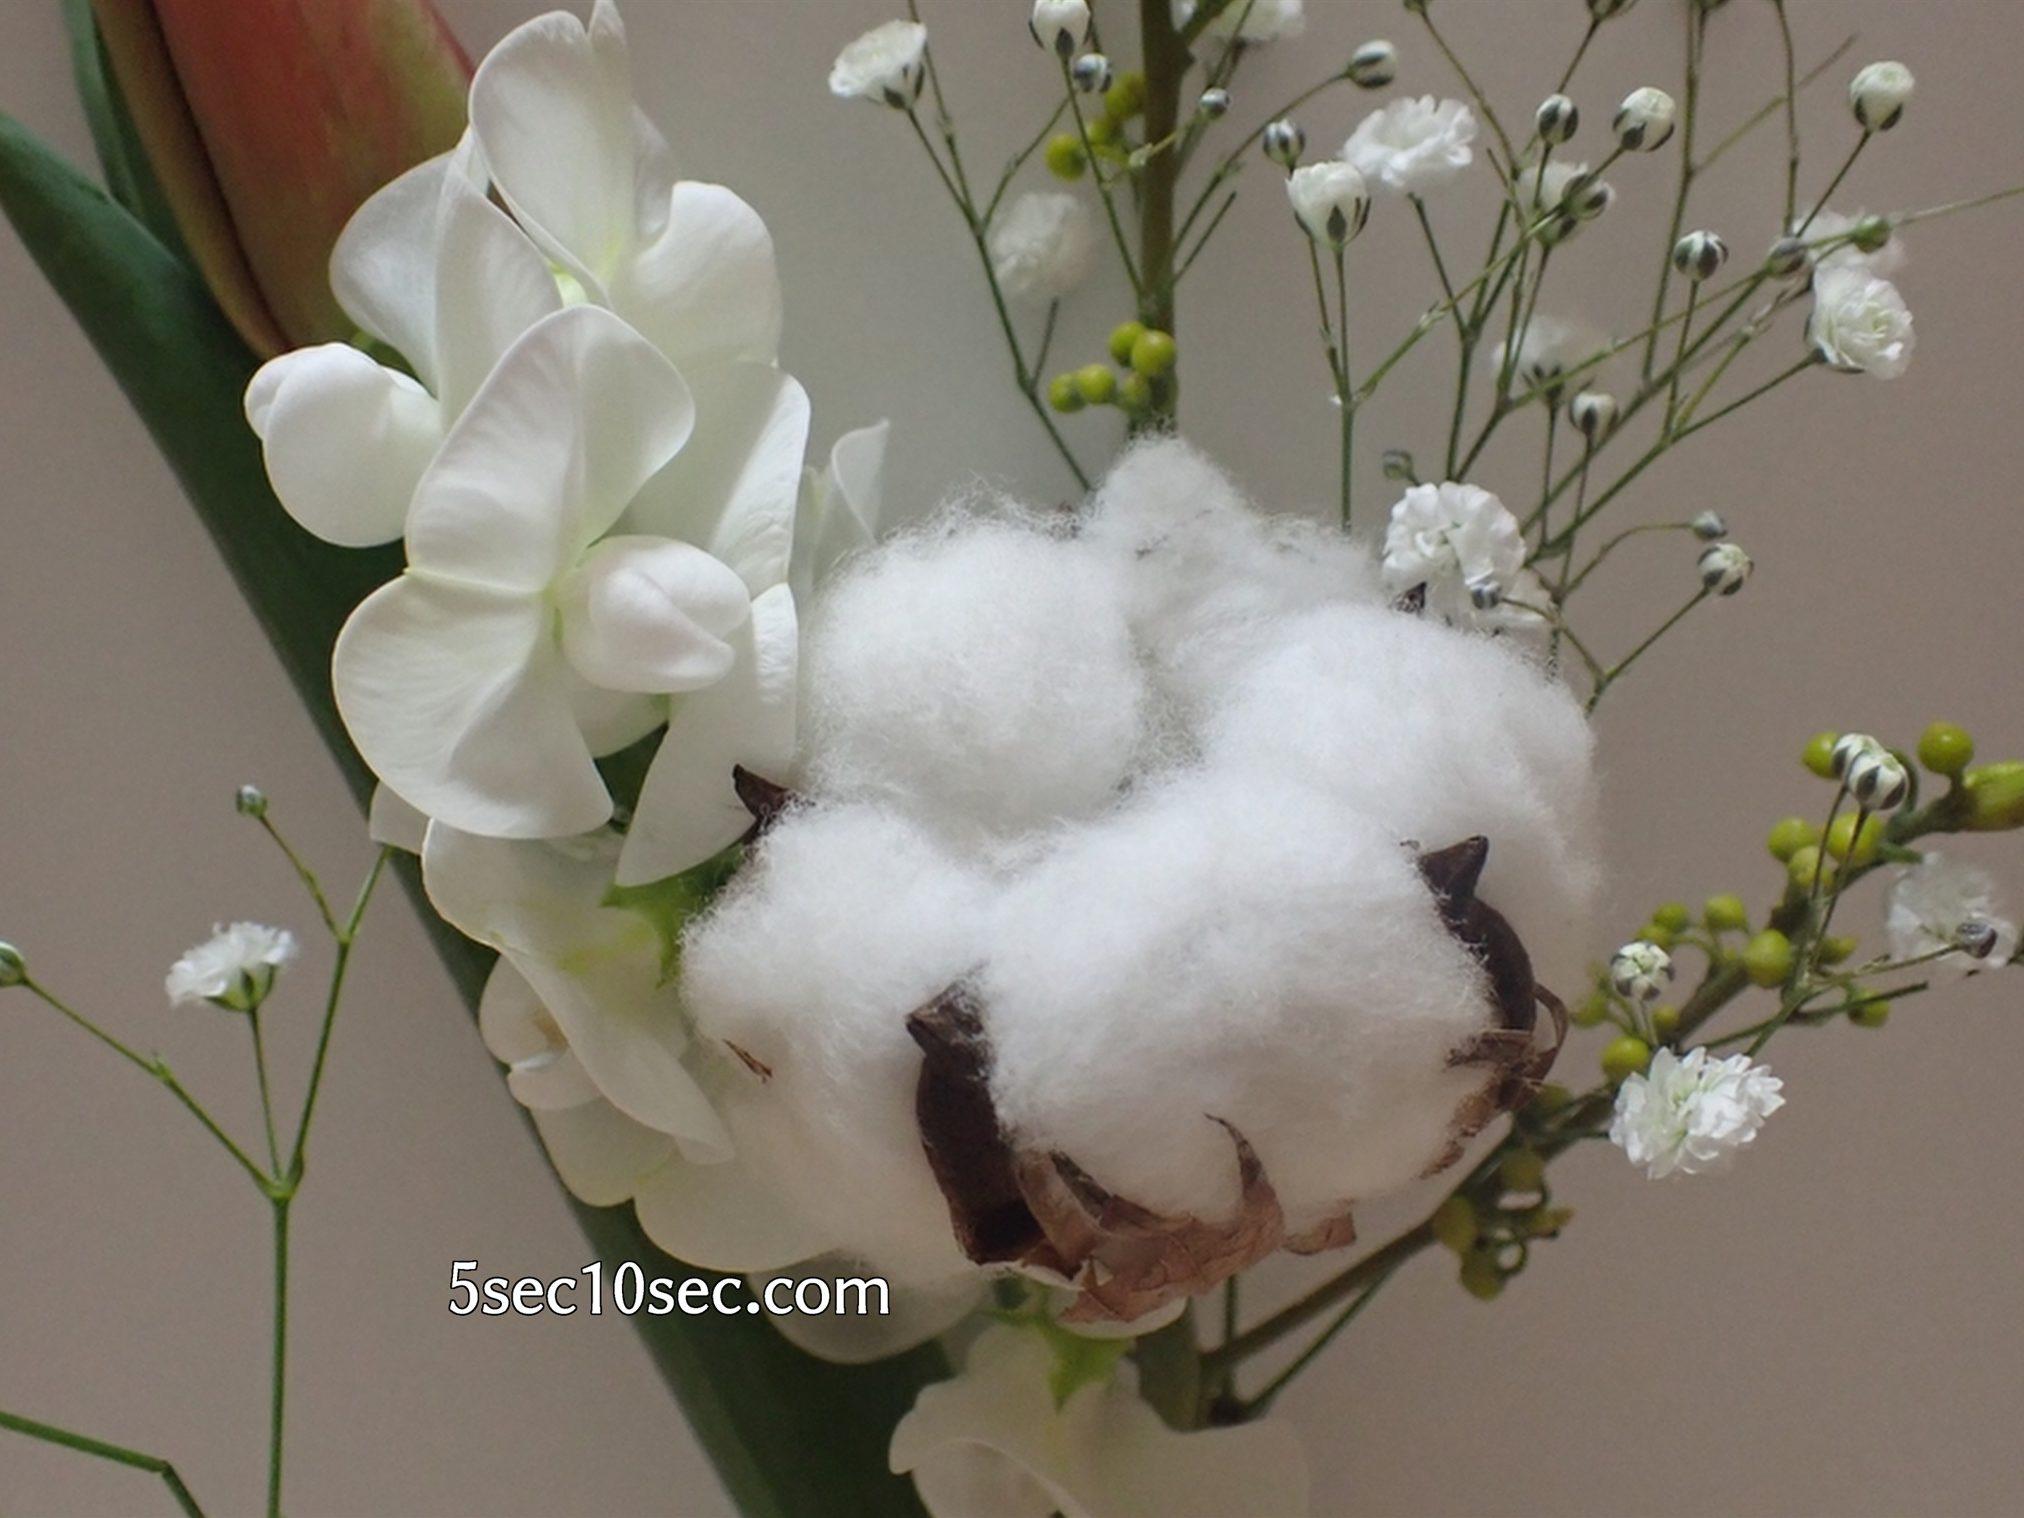 株式会社Crunch Style お花の定期便 Bloomee LIFE ブルーミーライフ 綿も、コットンフラワーという植物なのです